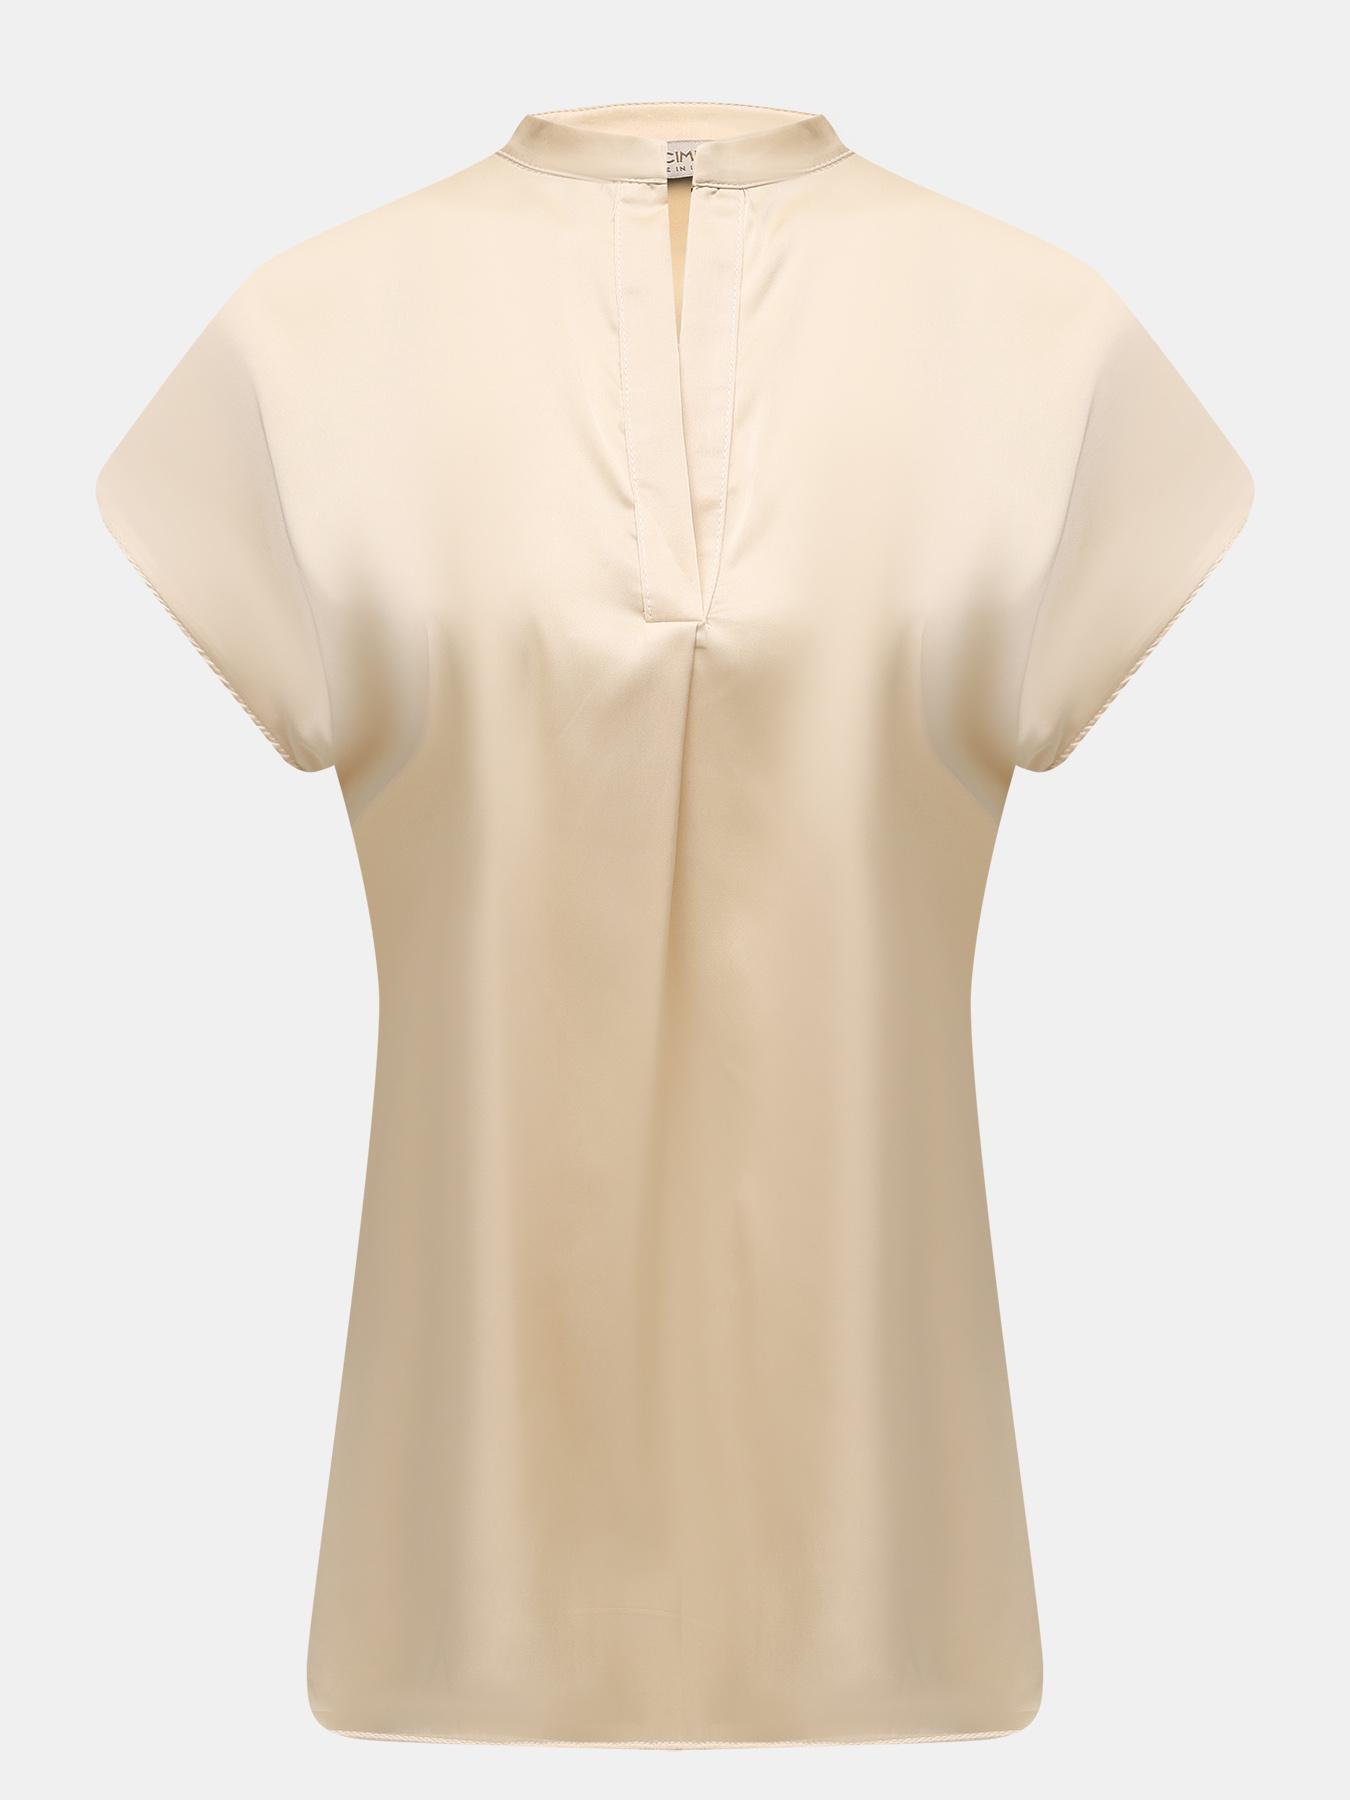 Фото - Блузки Rinascimento Блузка блузки rinascimento джинсовая блузка с пайетками